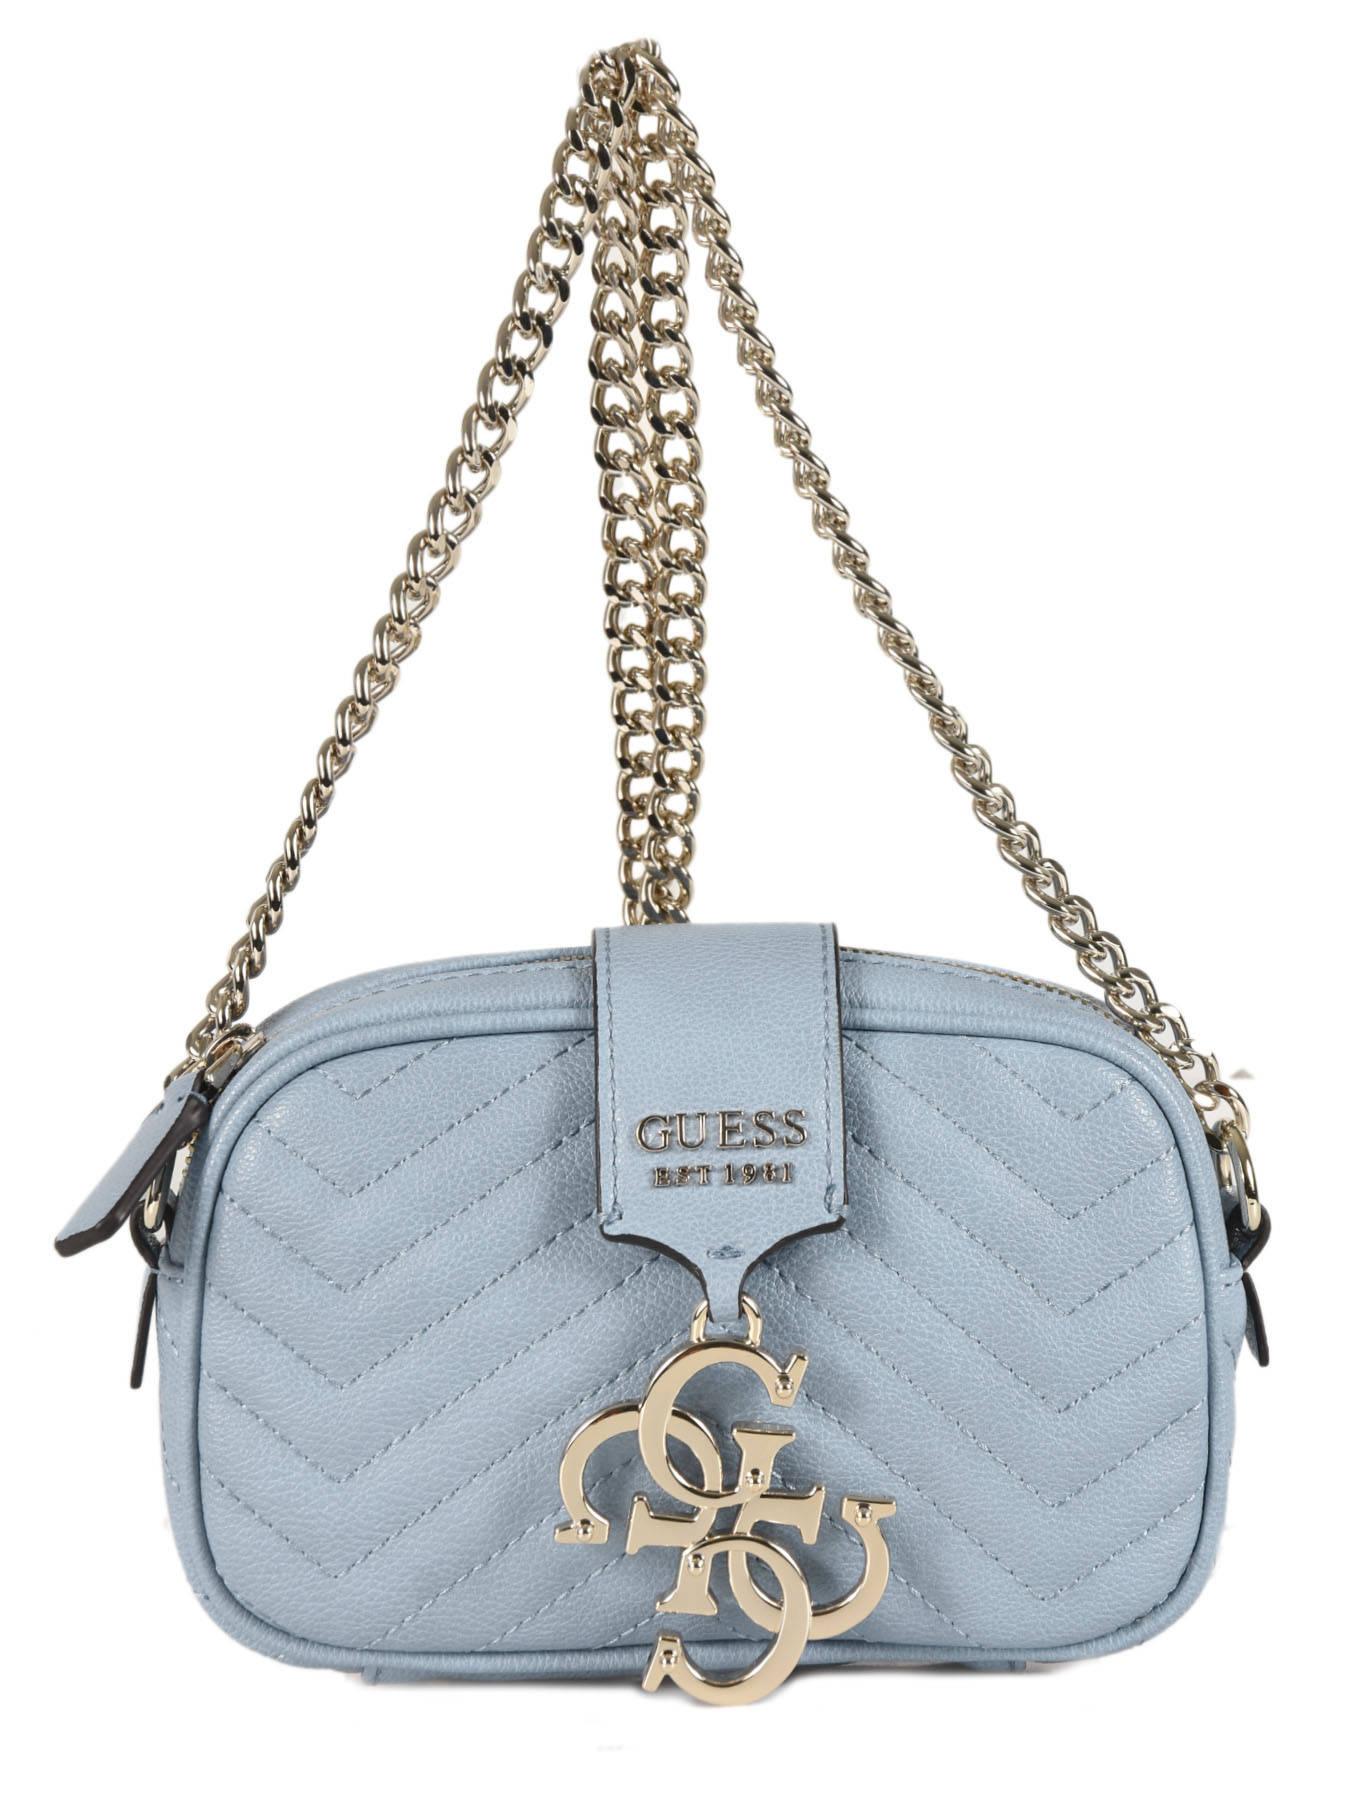 ... Crossbody Bag Violet Guess Blue violet VG729470 ... 96a1dfb5a13a4